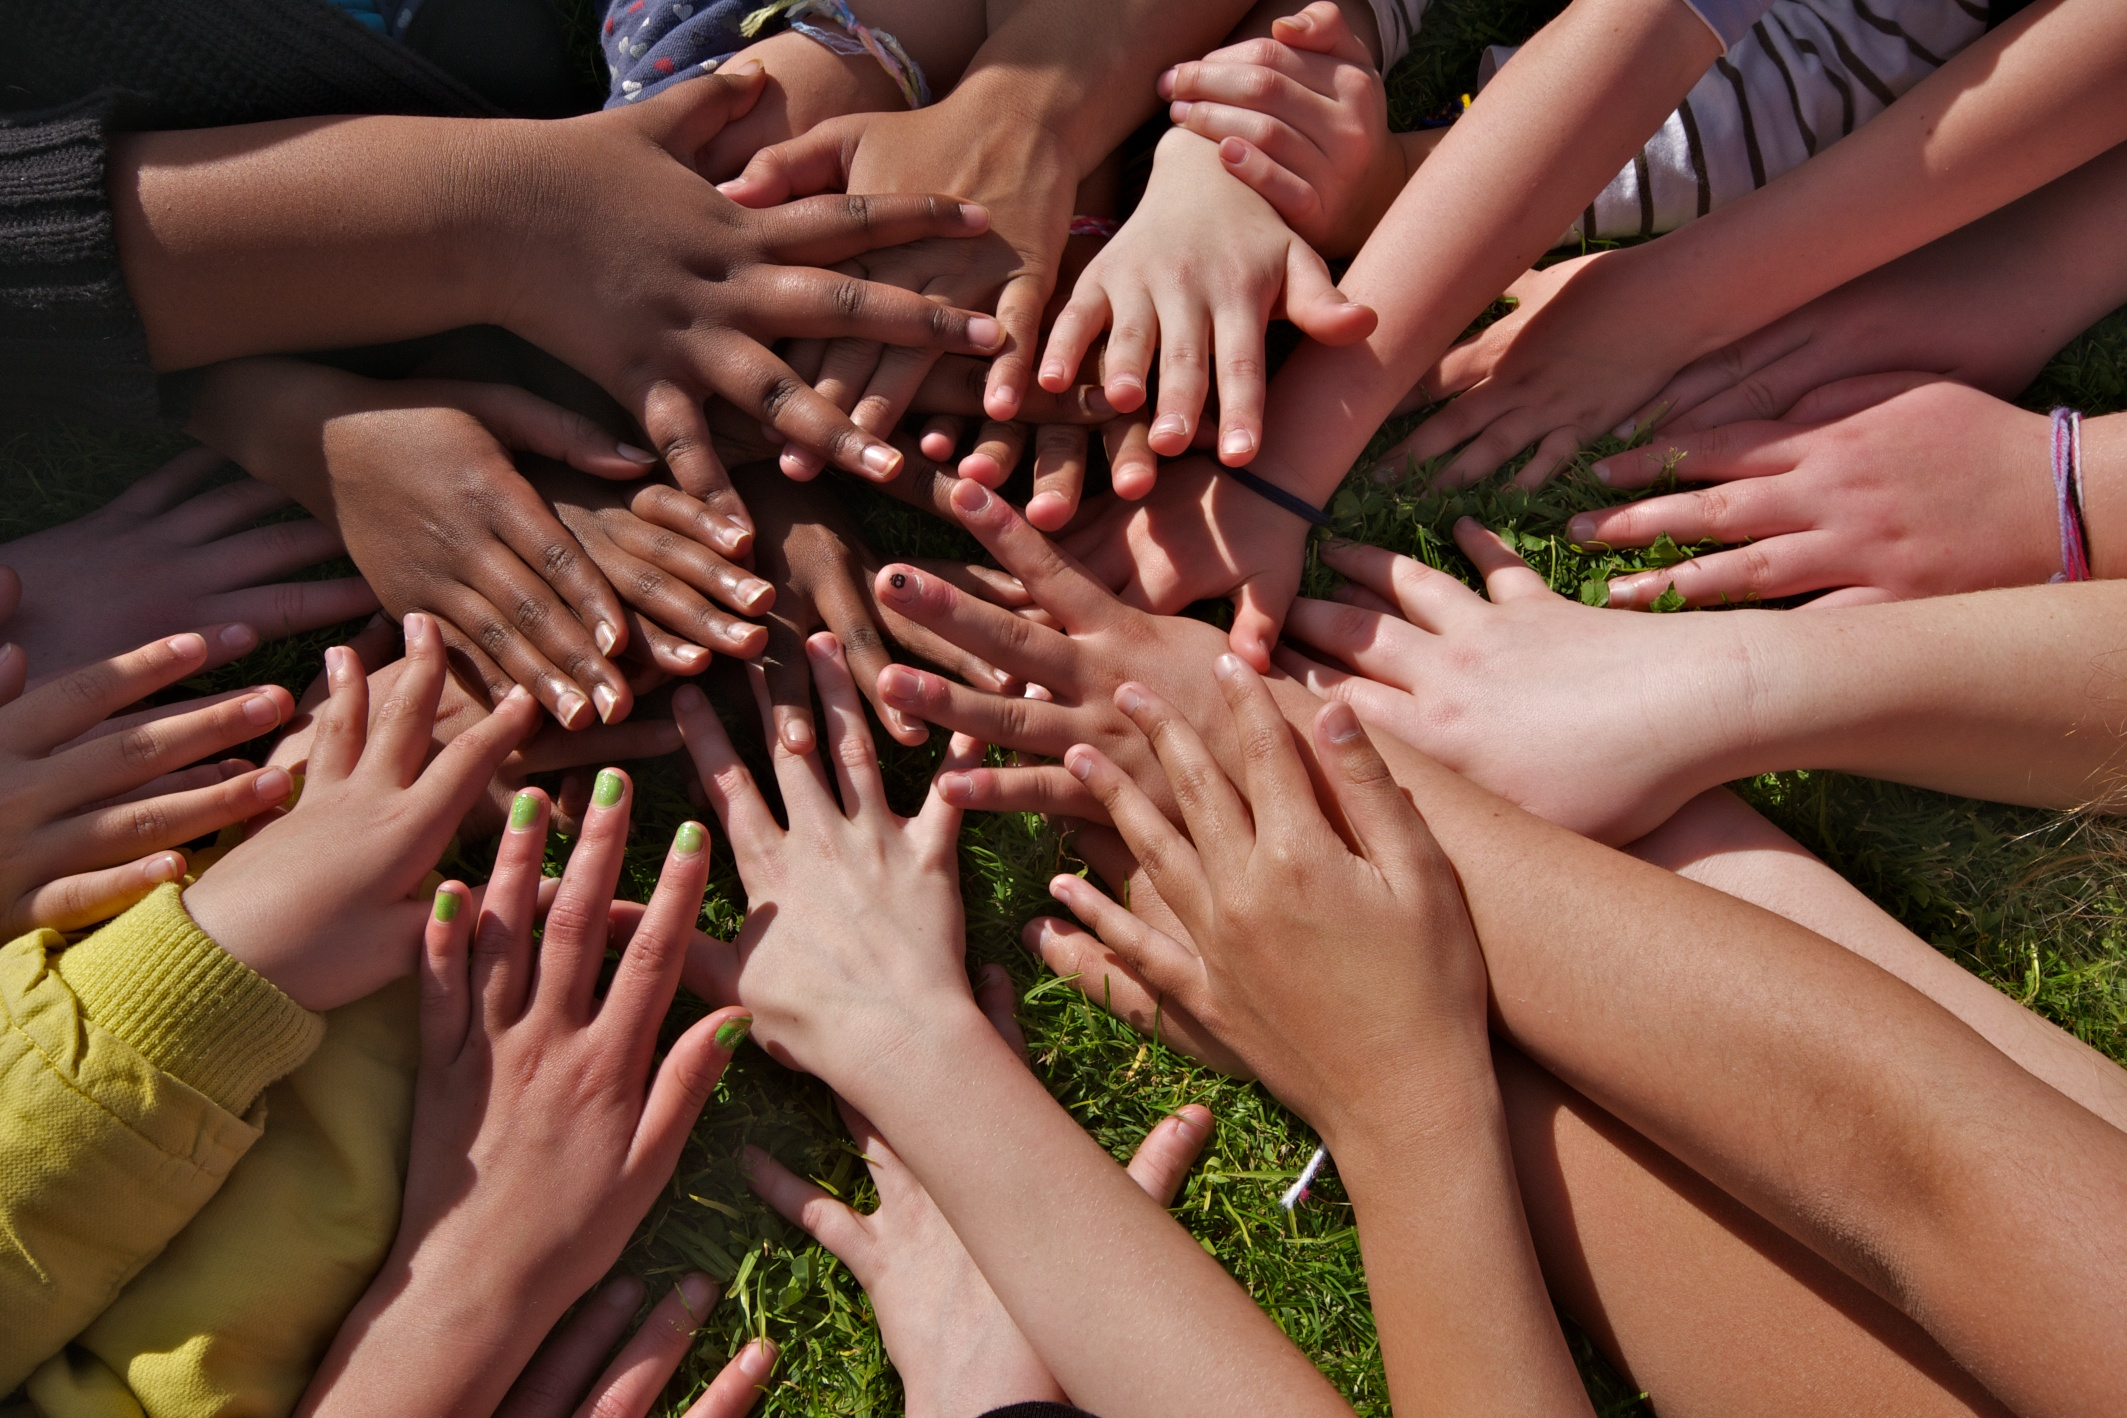 La enfermería mundial solicita invertir más en la formación de las niñas